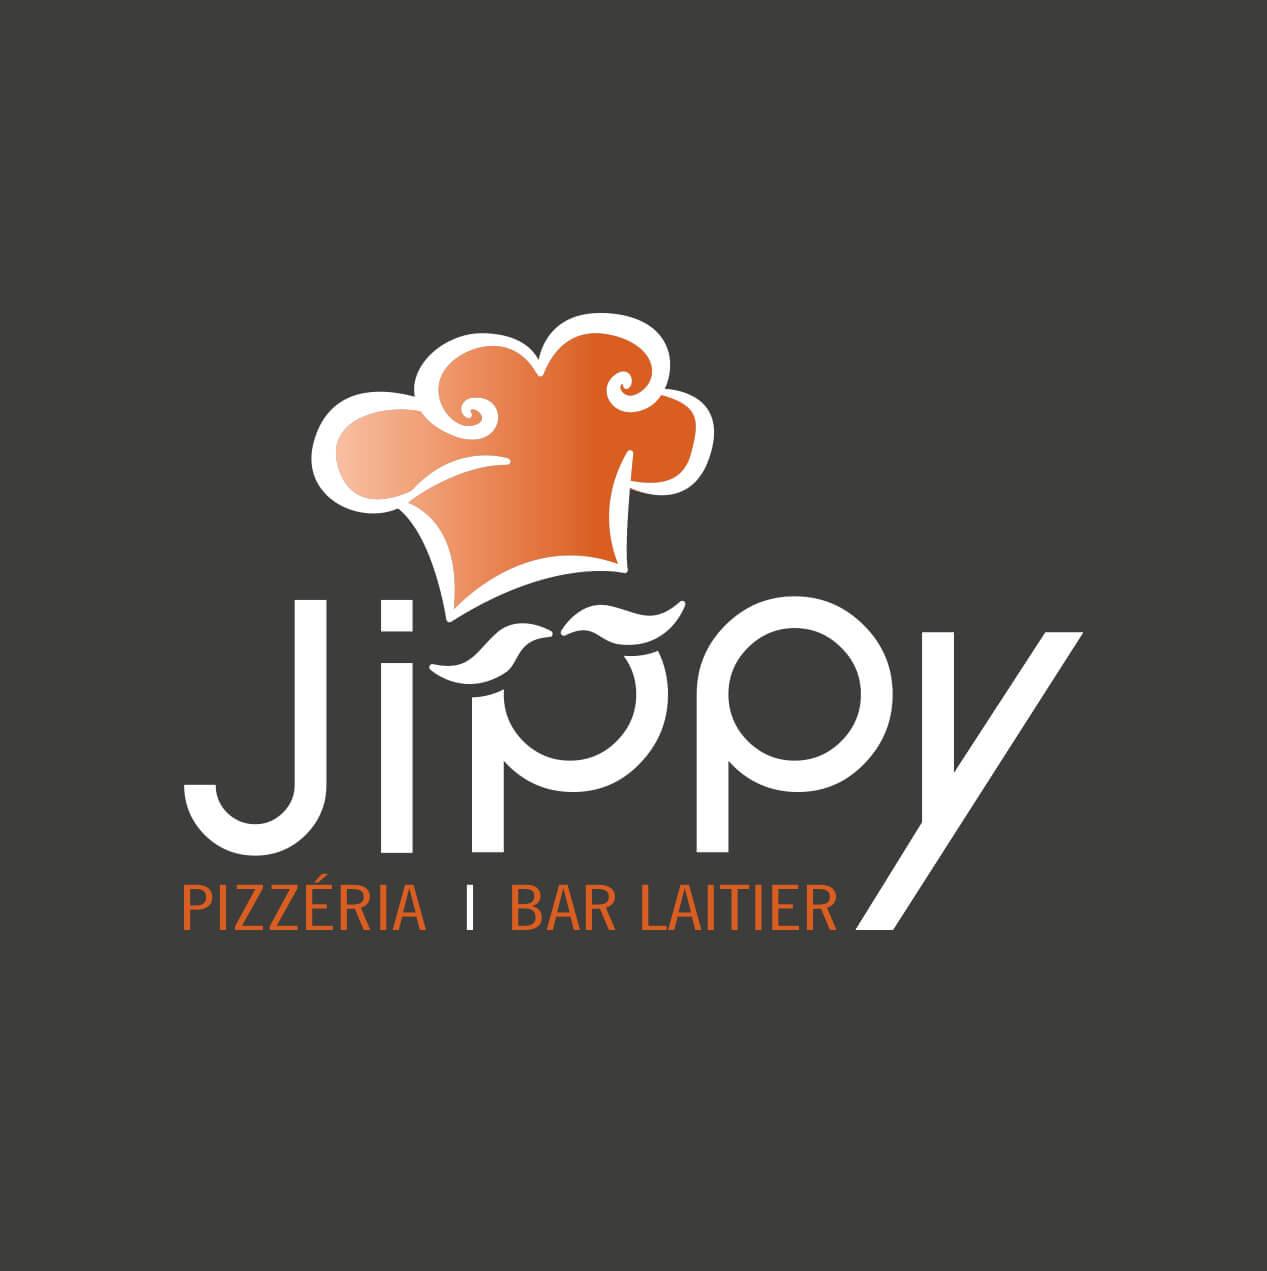 pizzeria-jippy